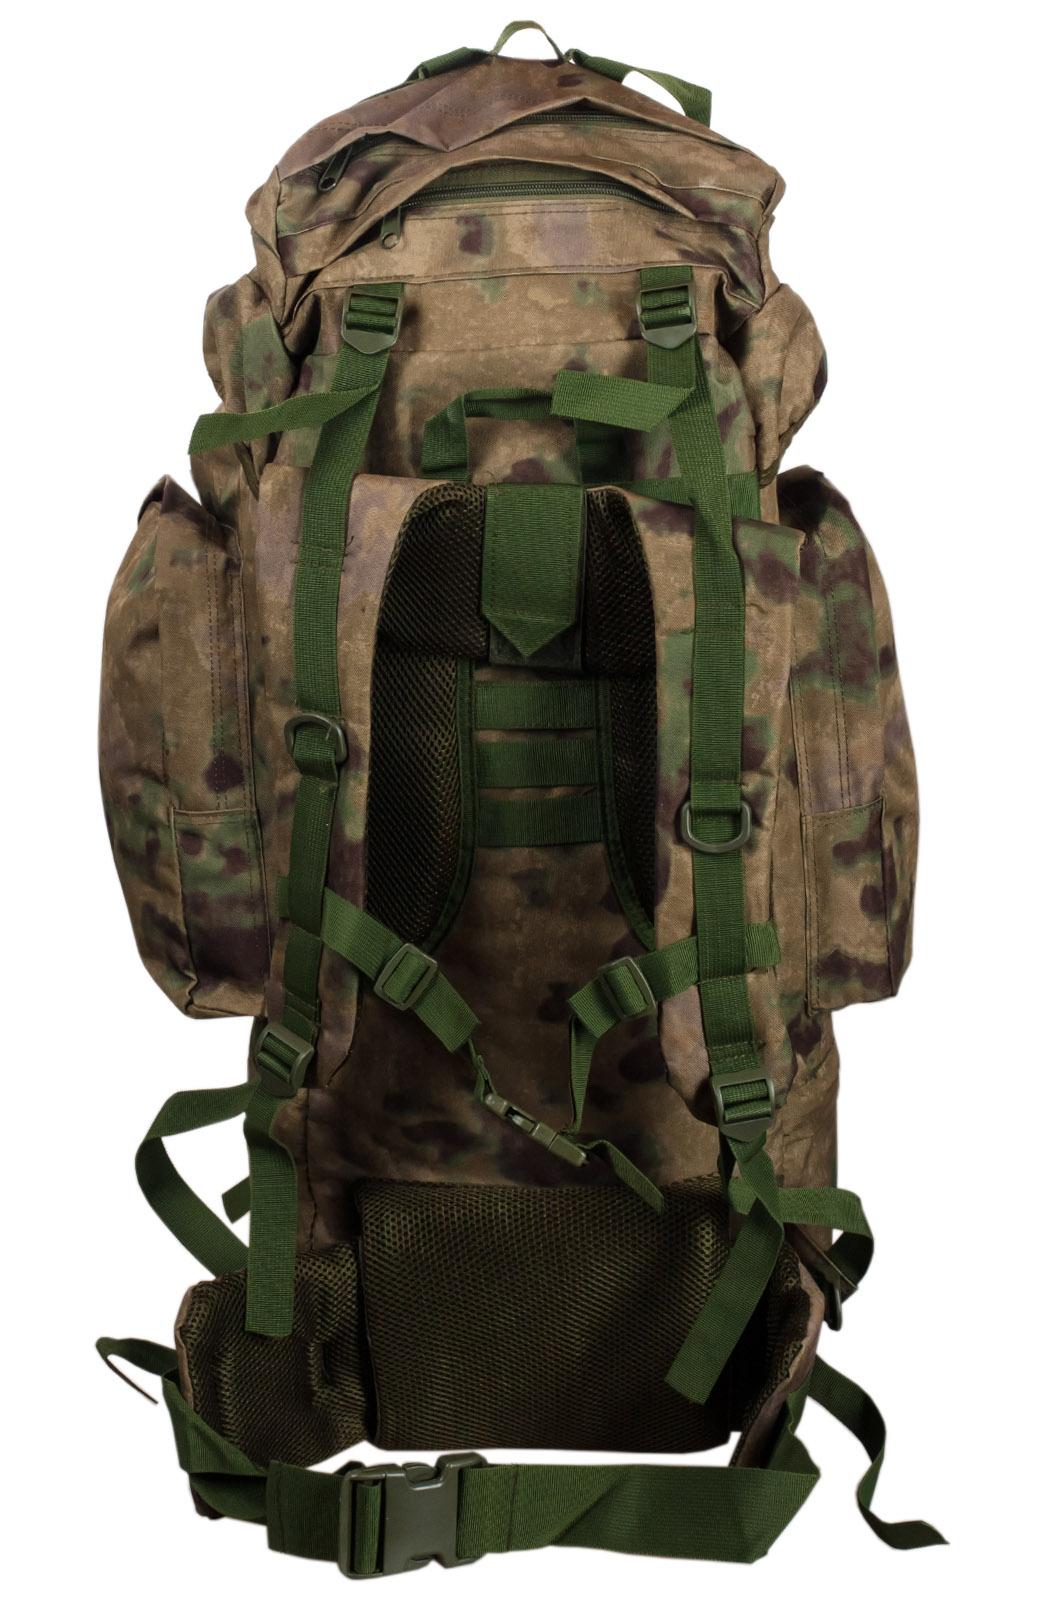 Походный эргономичный ранец-рюкзак с нашивкой Полиция России - купить выгодно